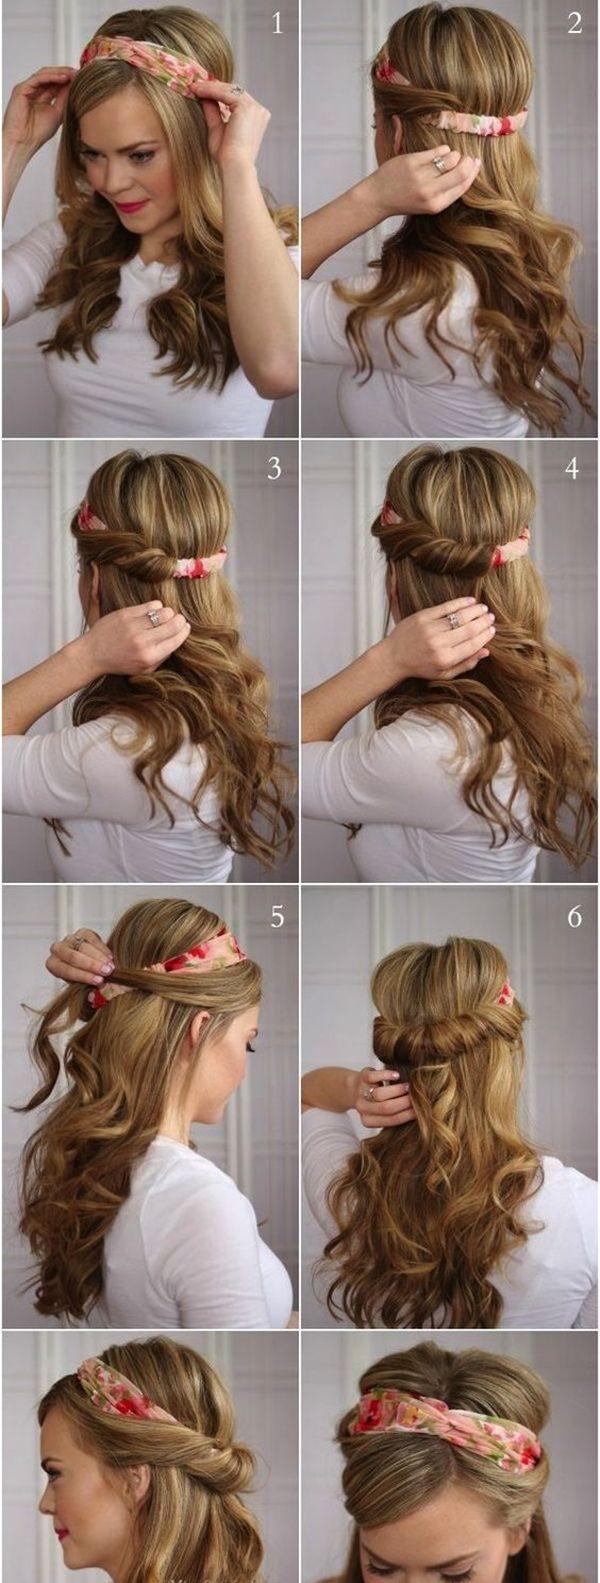 Rapidefacileretourécoleàcoiffurelongcheveux hair ideas